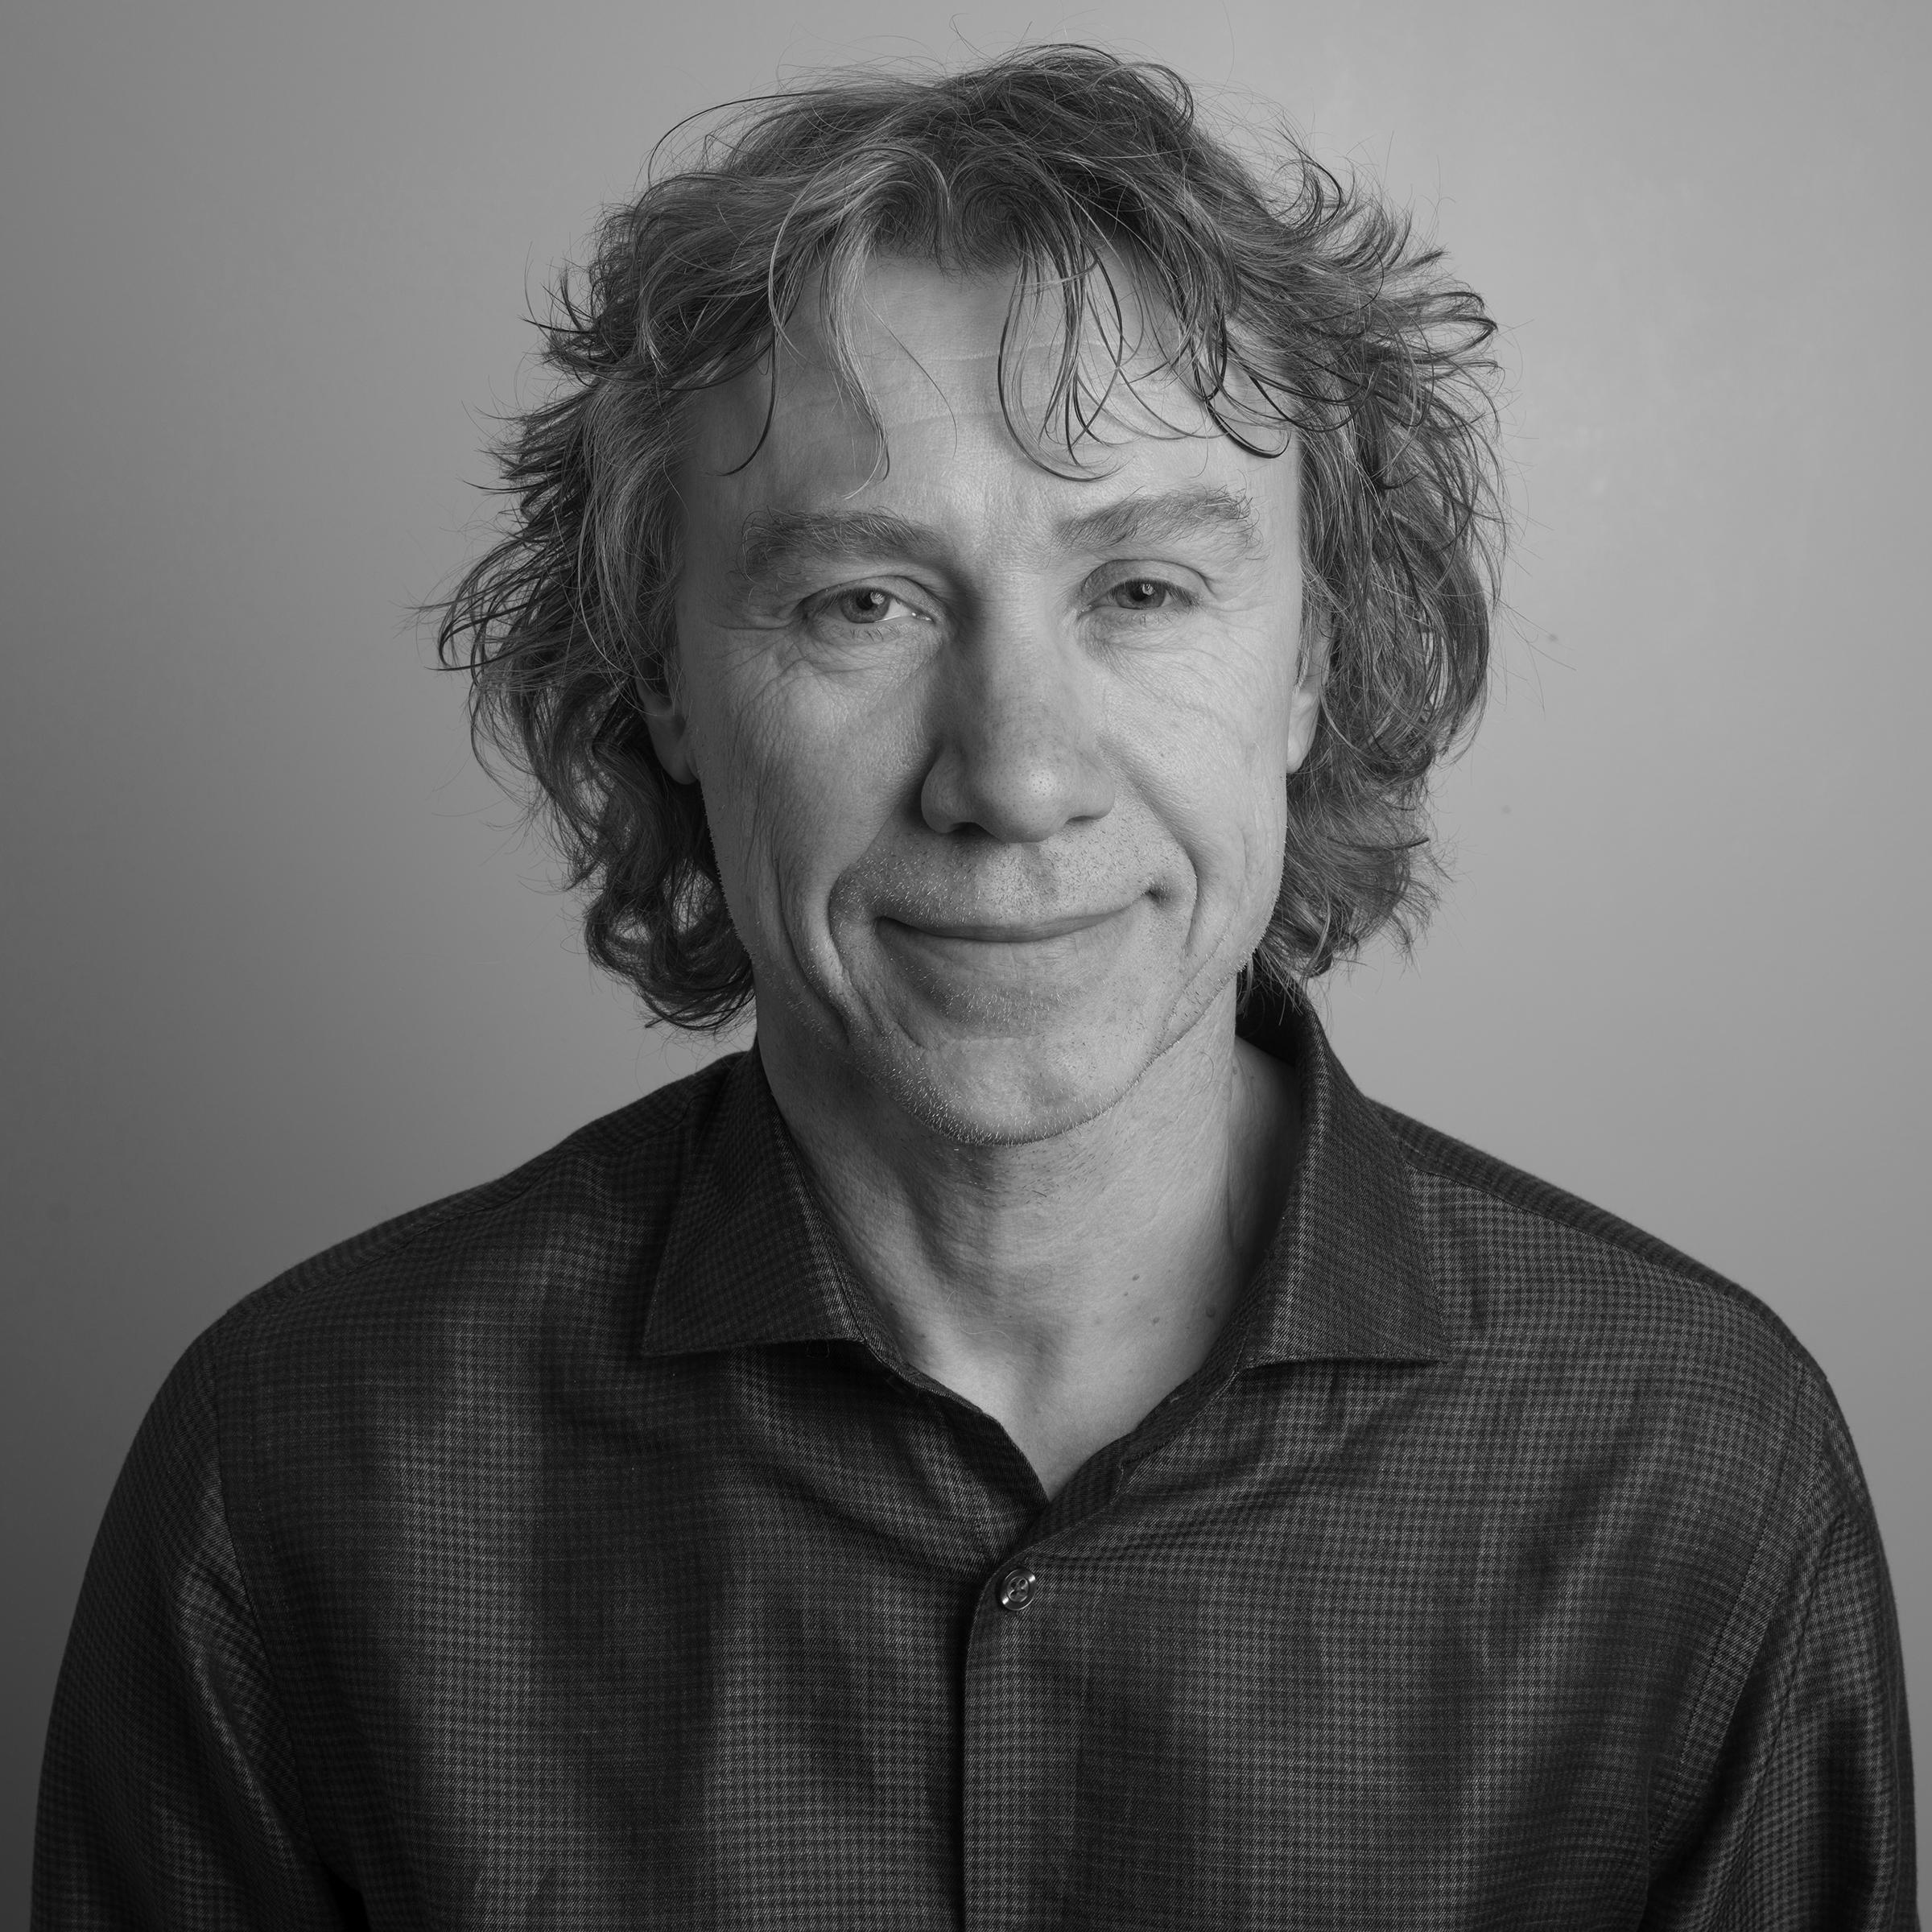 Wojciech Sikora